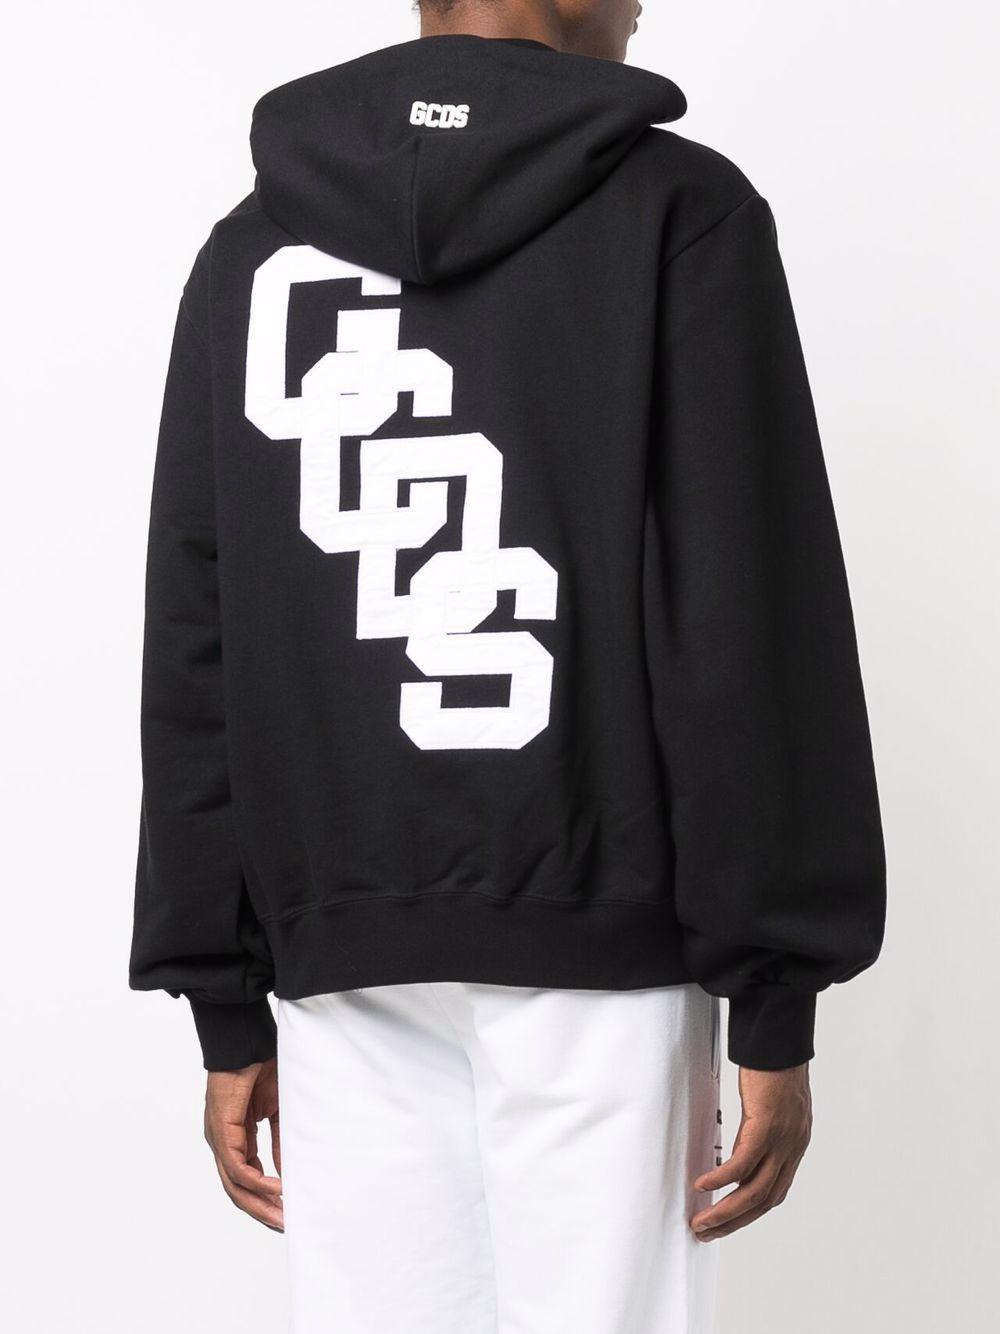 felpa college logo uomo nera in cotone GCDS | Felpe | CC94M02151002